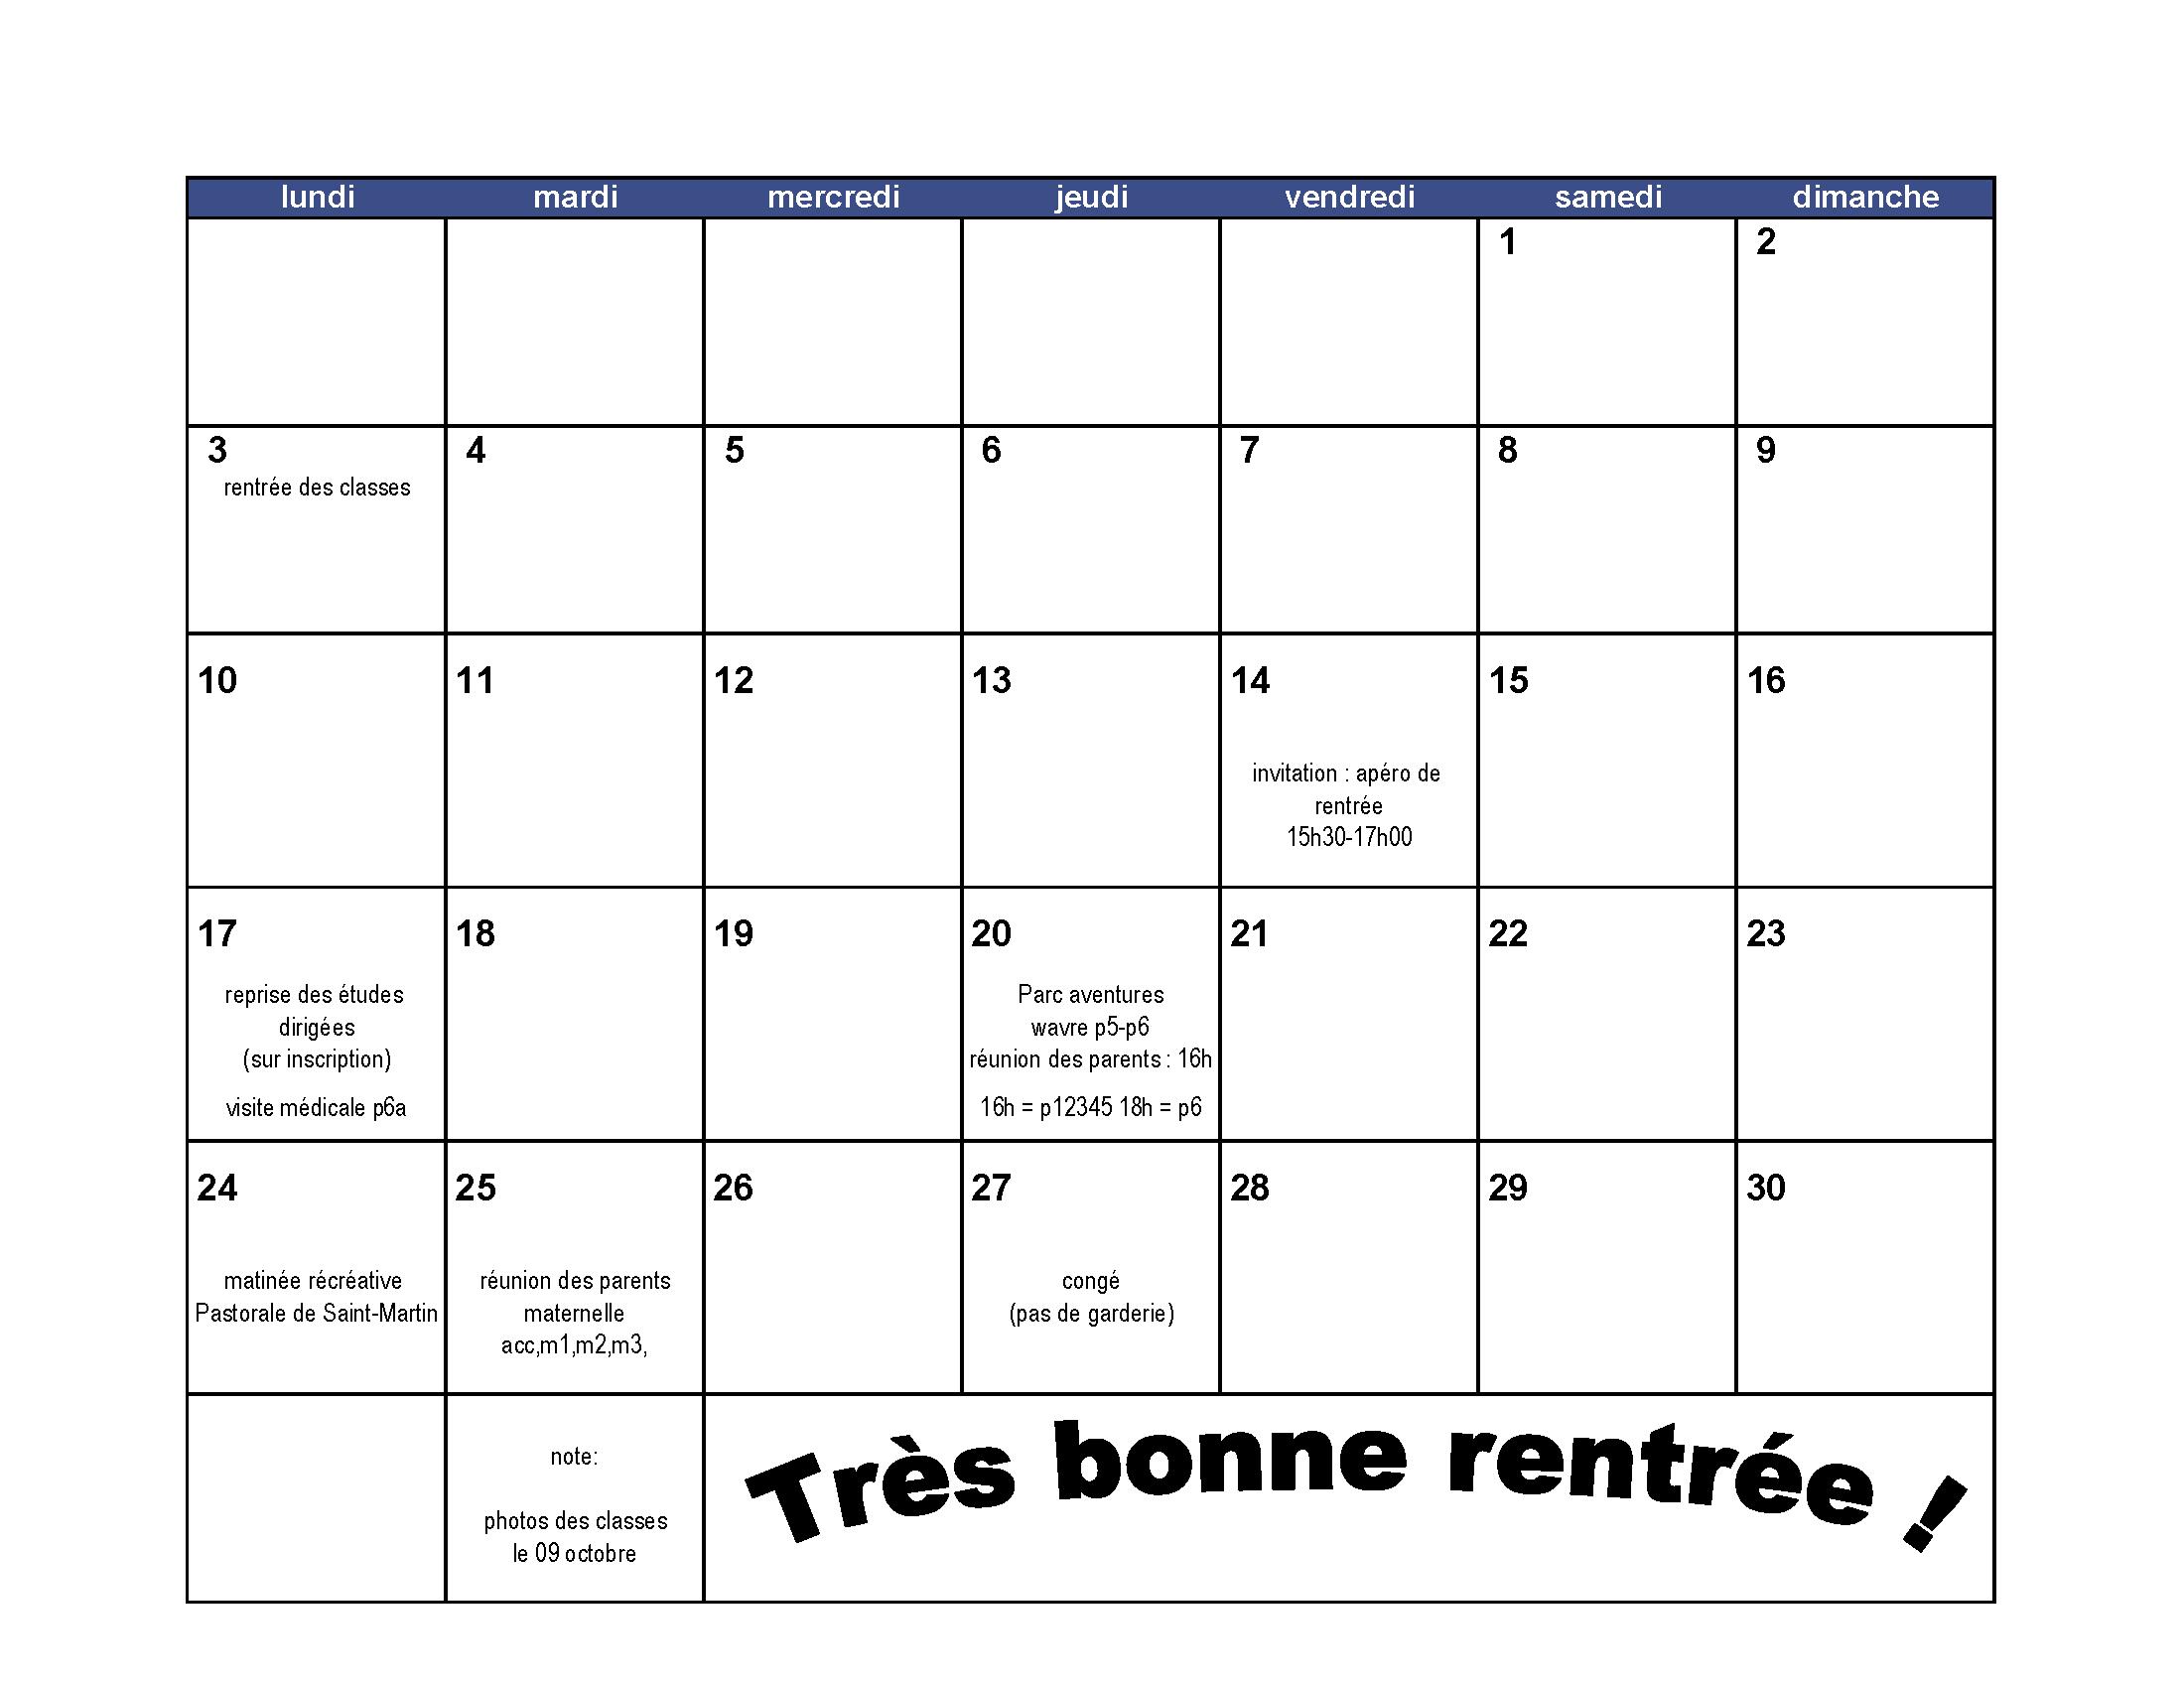 Calendrier Mensuel Juin 2019.Calendrier Mensuel Scolaire Archives Apsmart